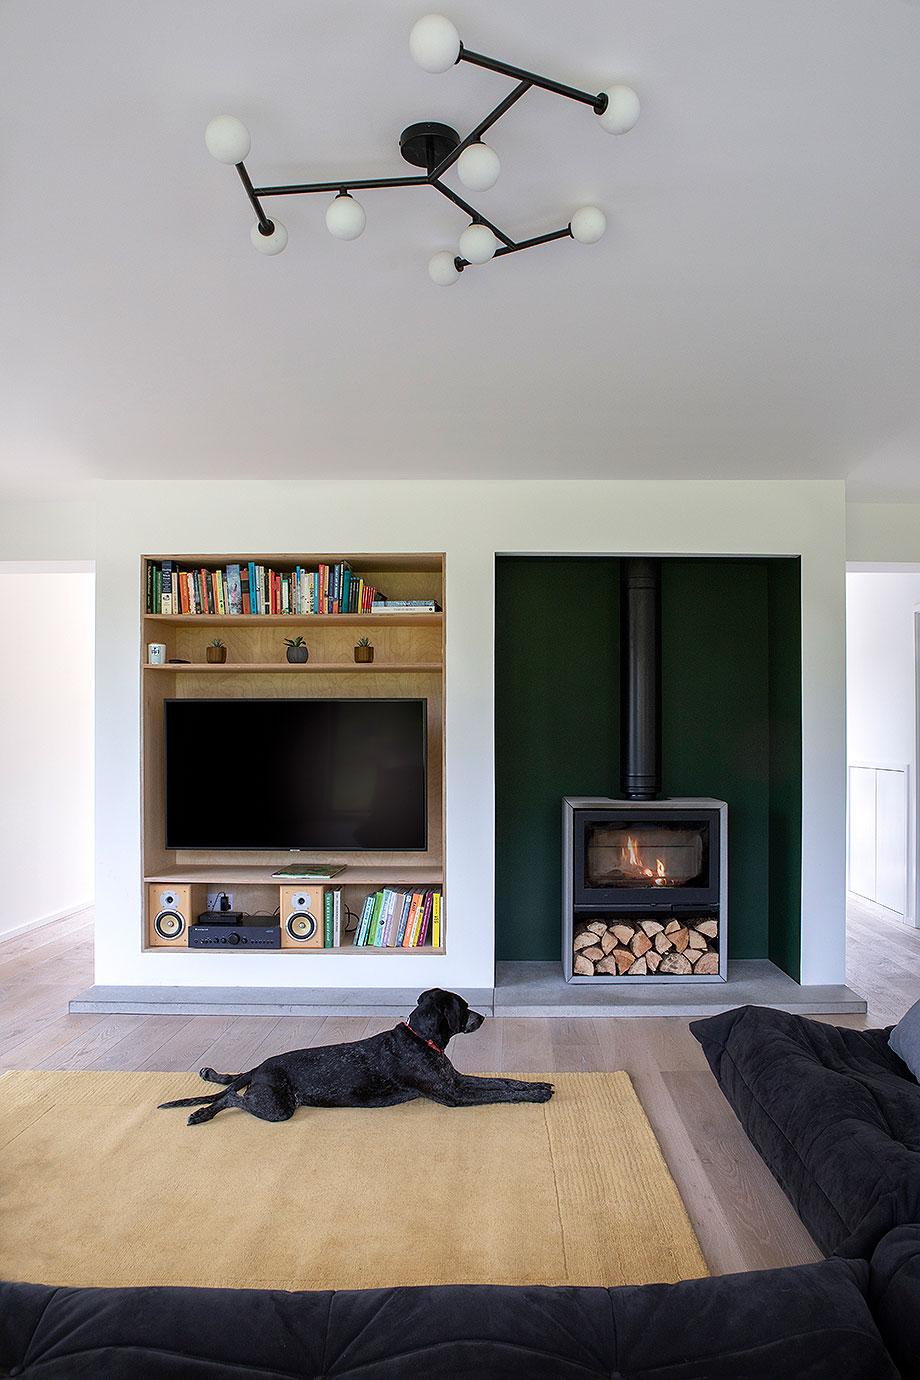 reforma y ampliacion de un cottage por bronw & brown (3) - foto dapple photography